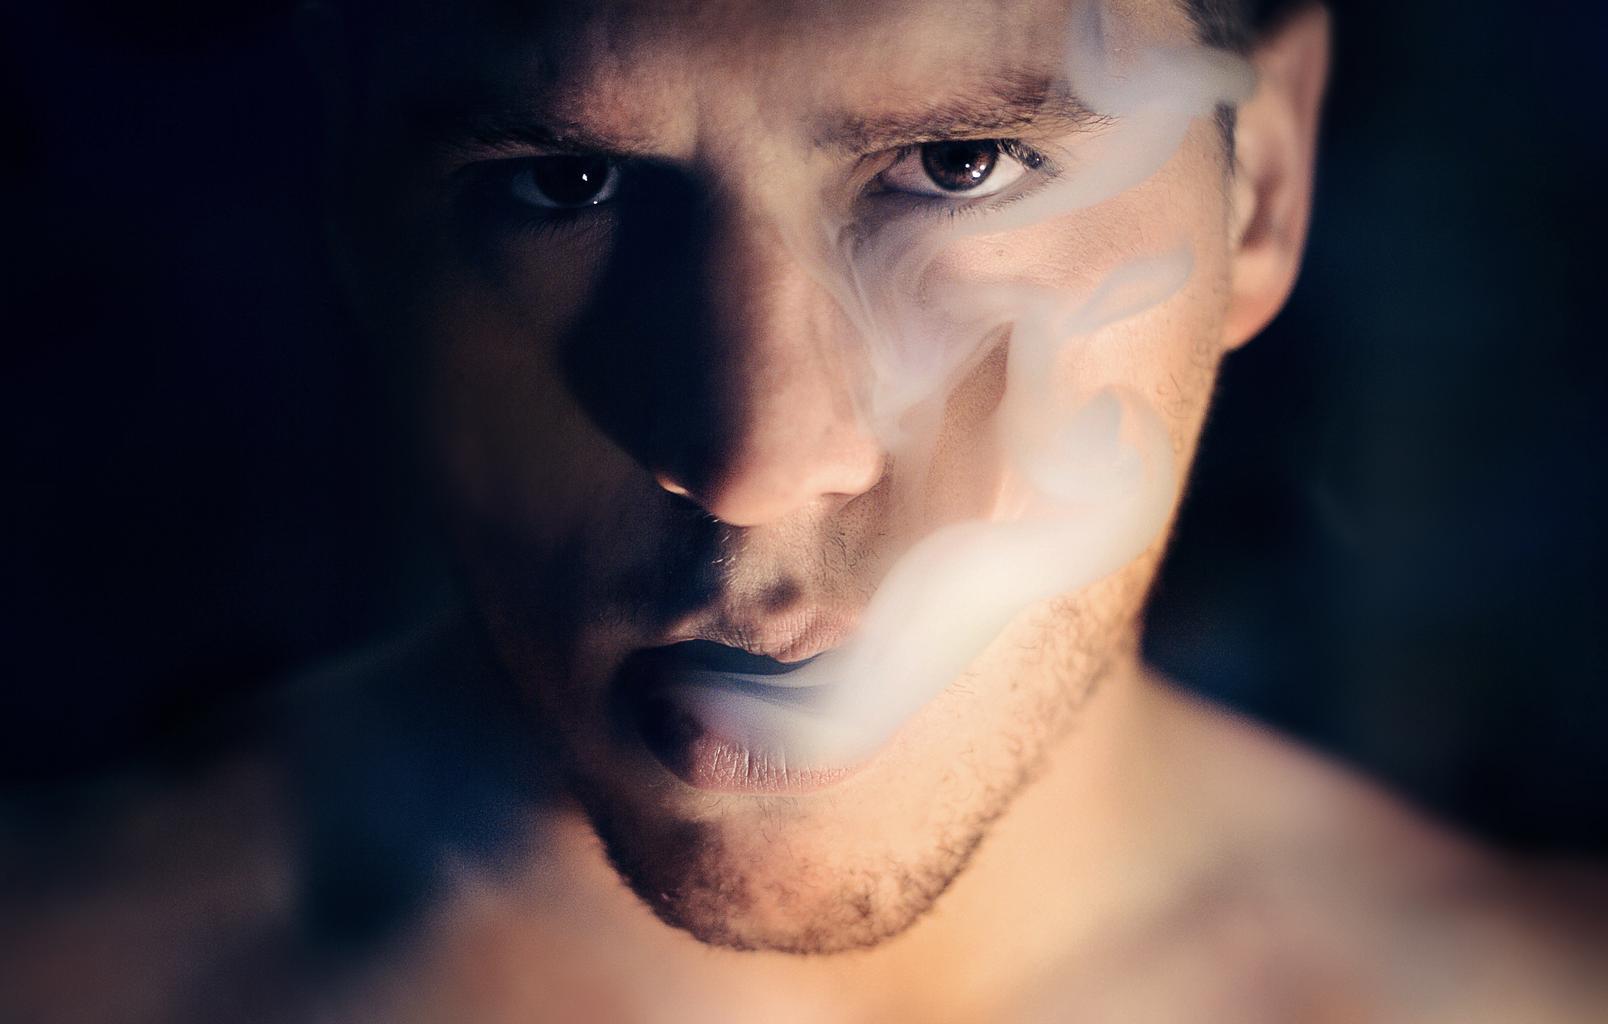 muž, cigaretový dym